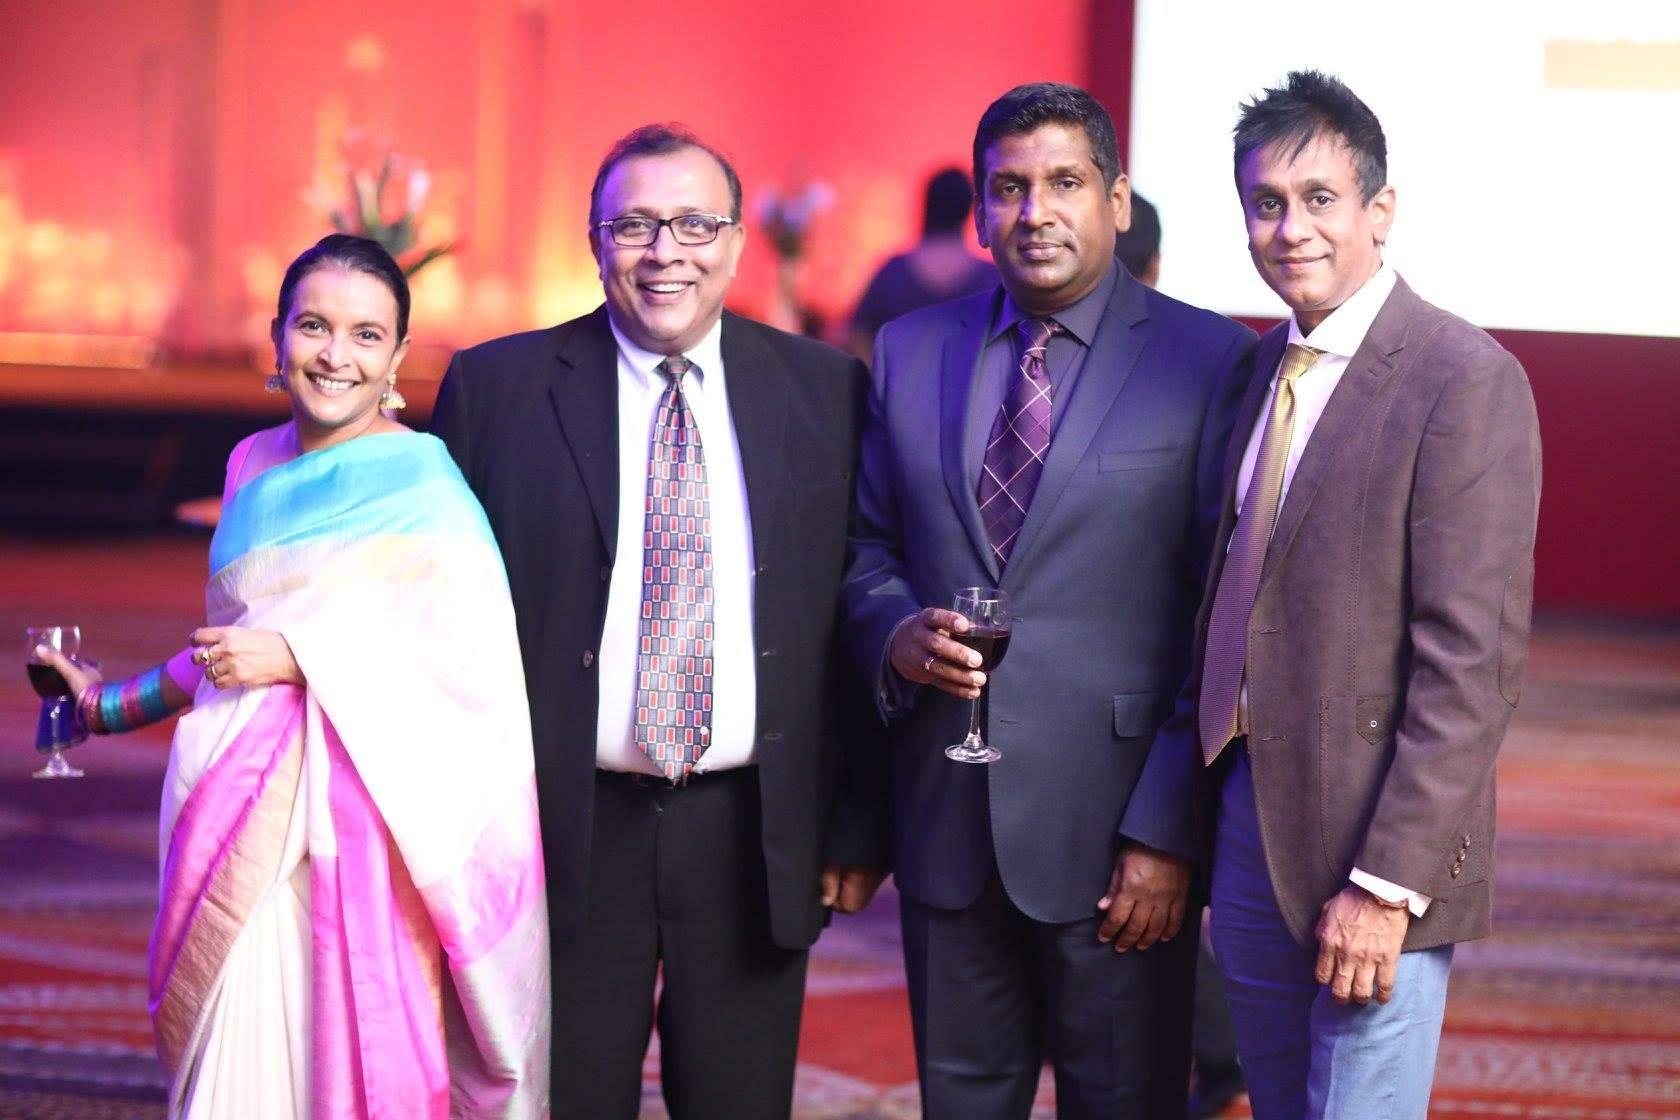 Savithri Rodrigo  Kithsiri Manchanayake  Chandana Liyanapatabendi and Dhammika Ranasinghe